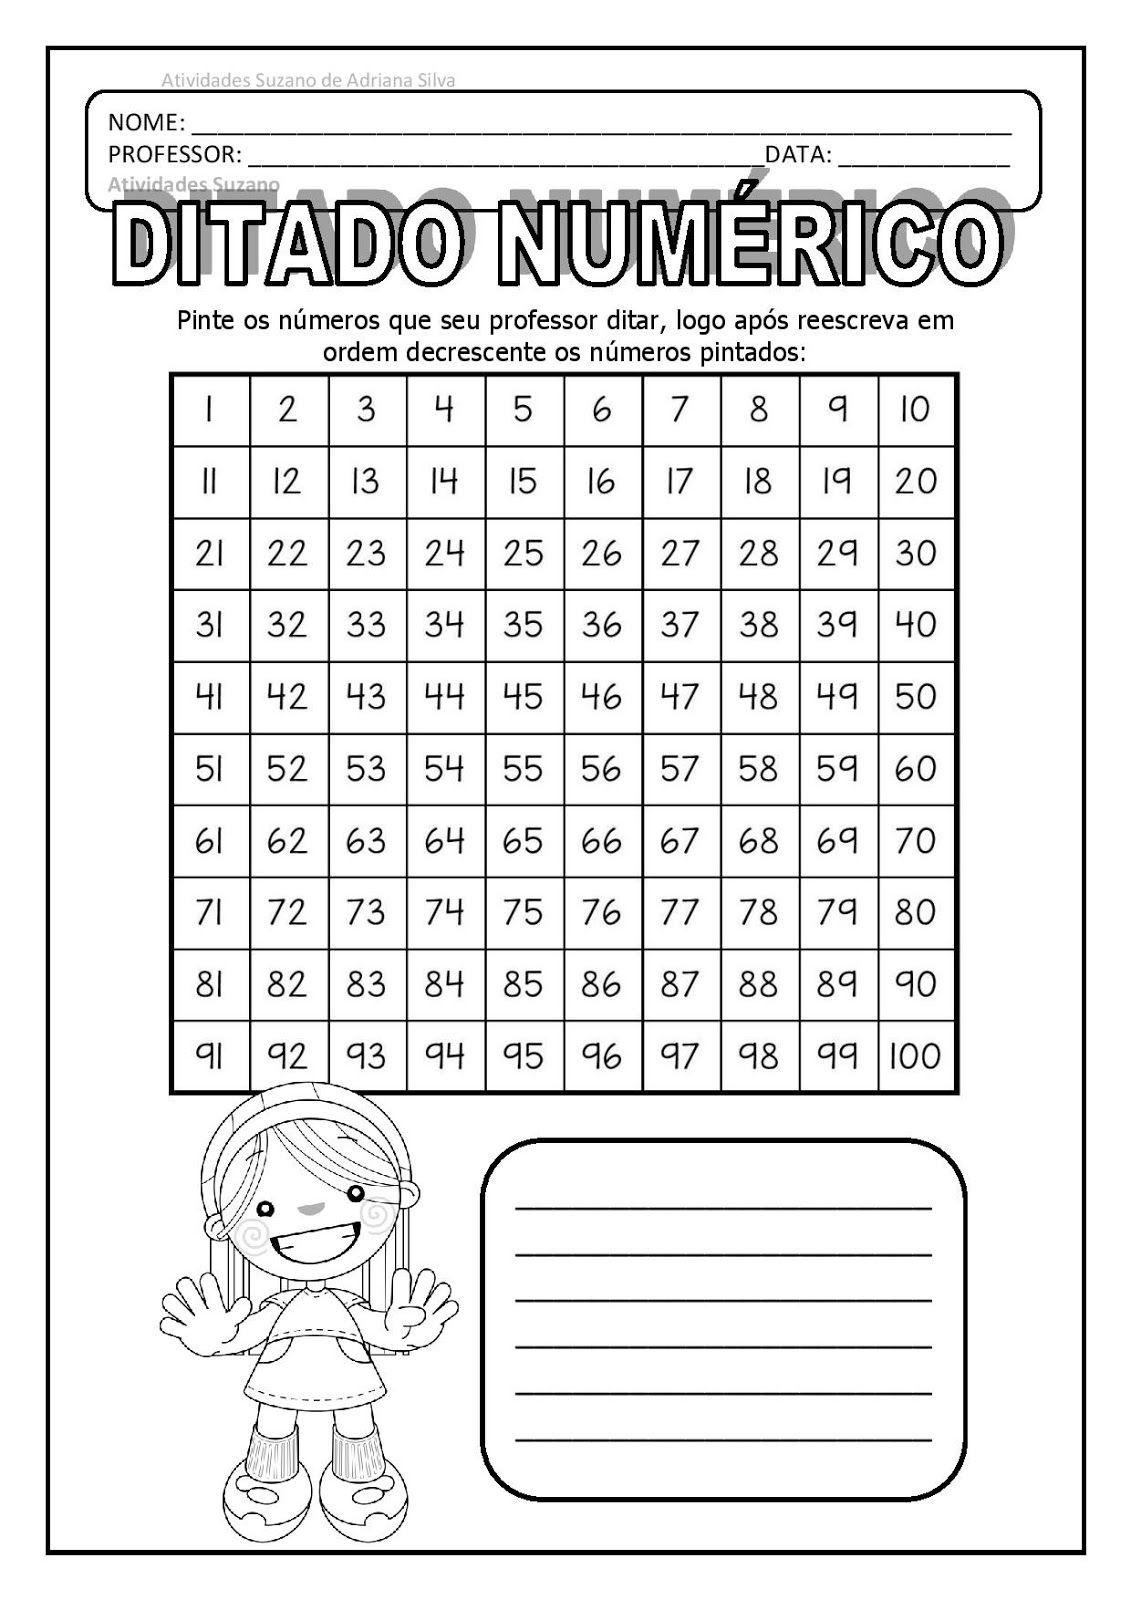 Ditado Numerico E Tabuada 3 E 8 Na Tabela Page 001 Jpg 1131 1600